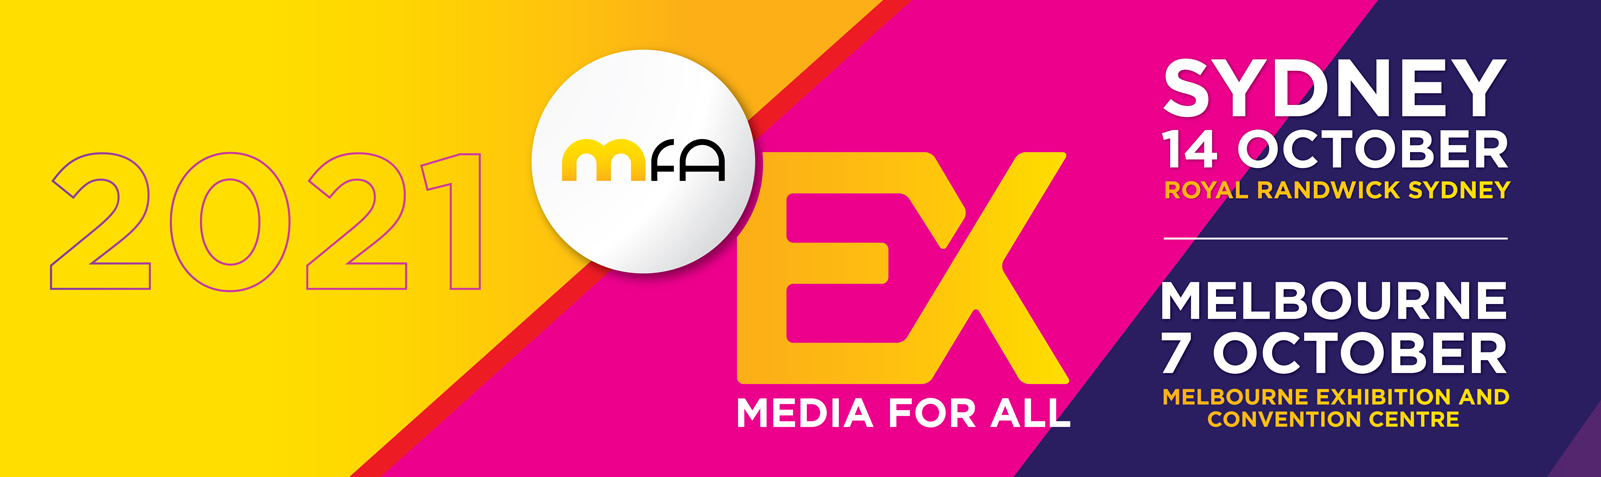 MFAEX_WebsiteBanner_1600x477px_AllEvents